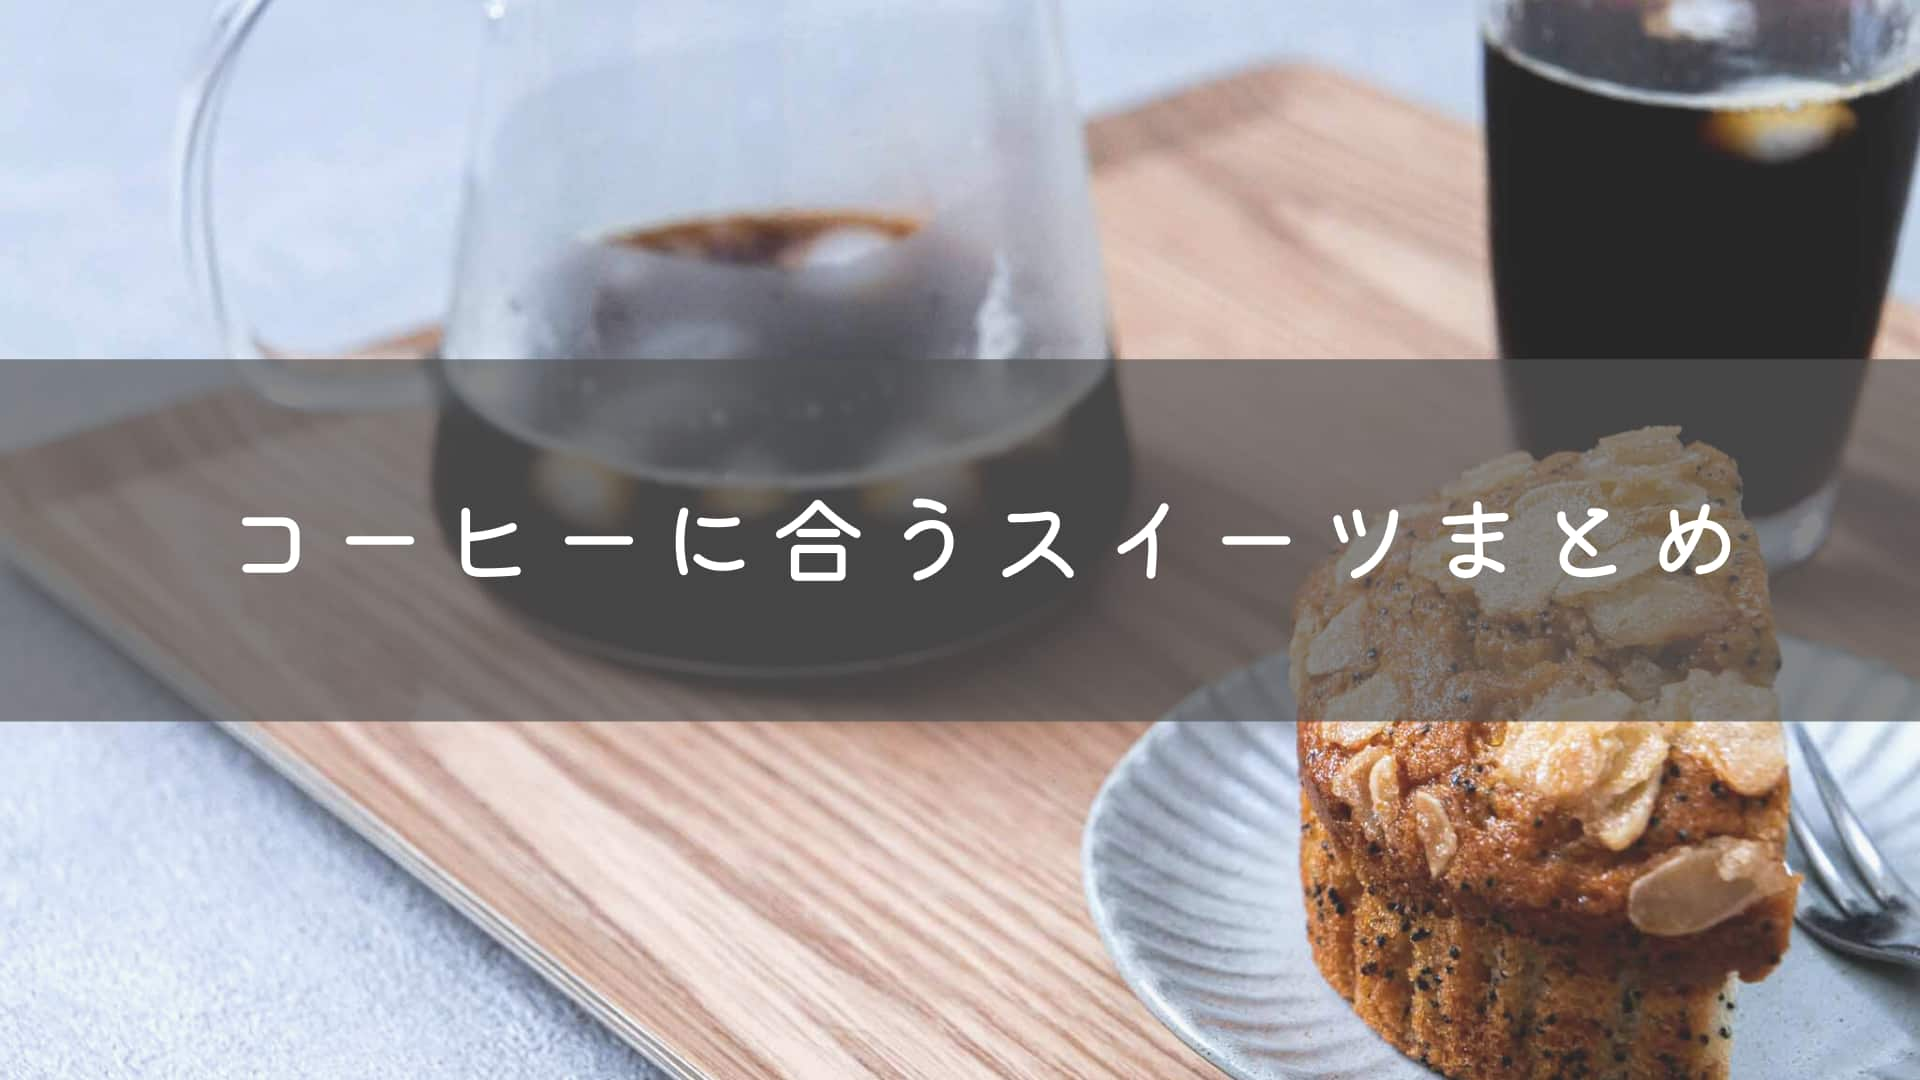 【フードペアリング】コーヒーに相性ぴったりのスイーツ